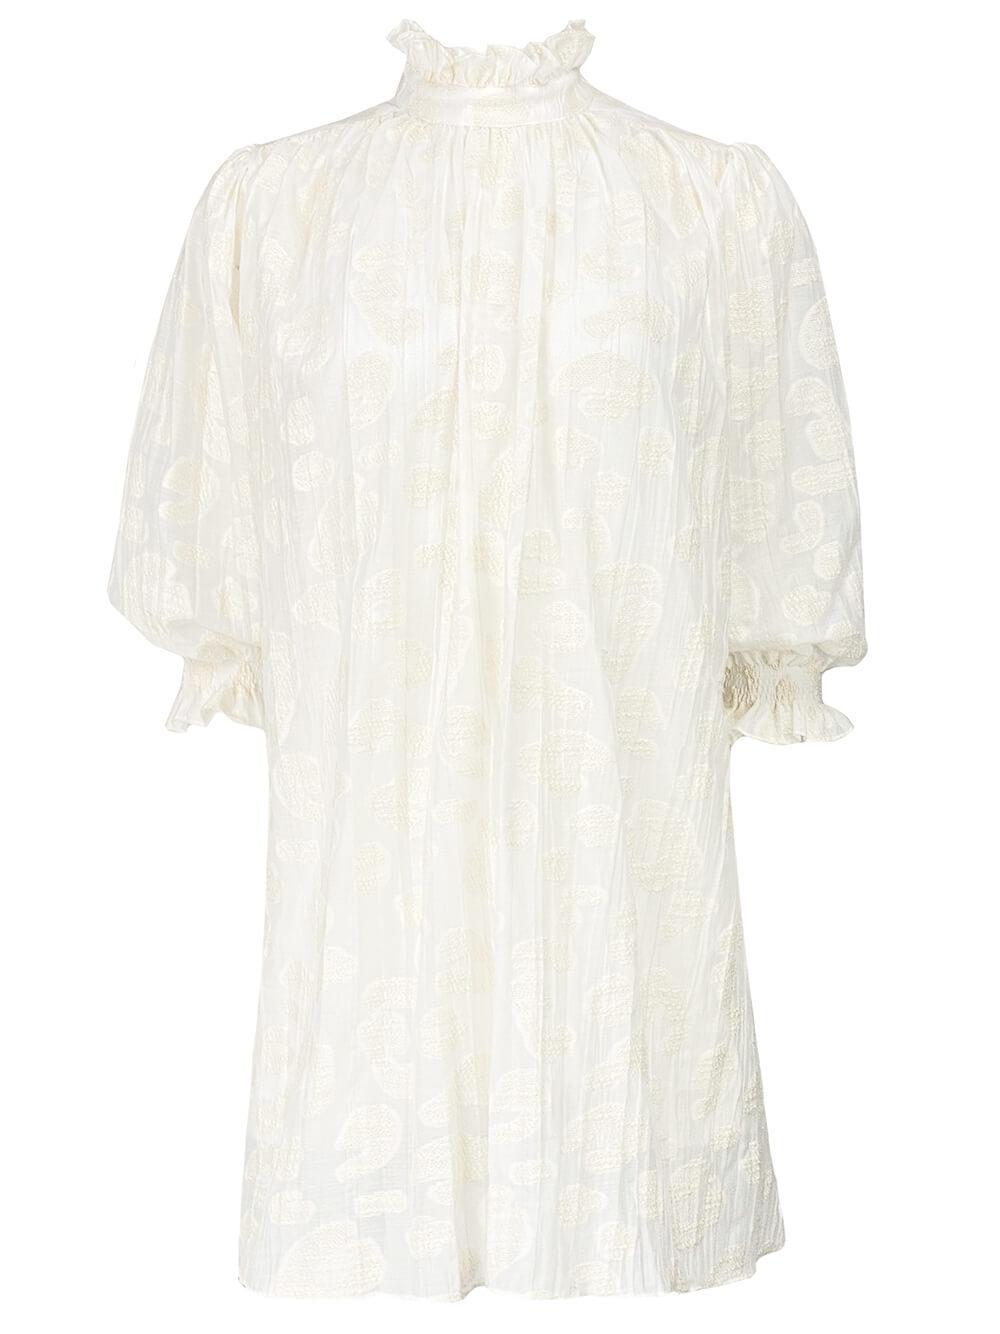 Henley Dress Item # 21SPD9